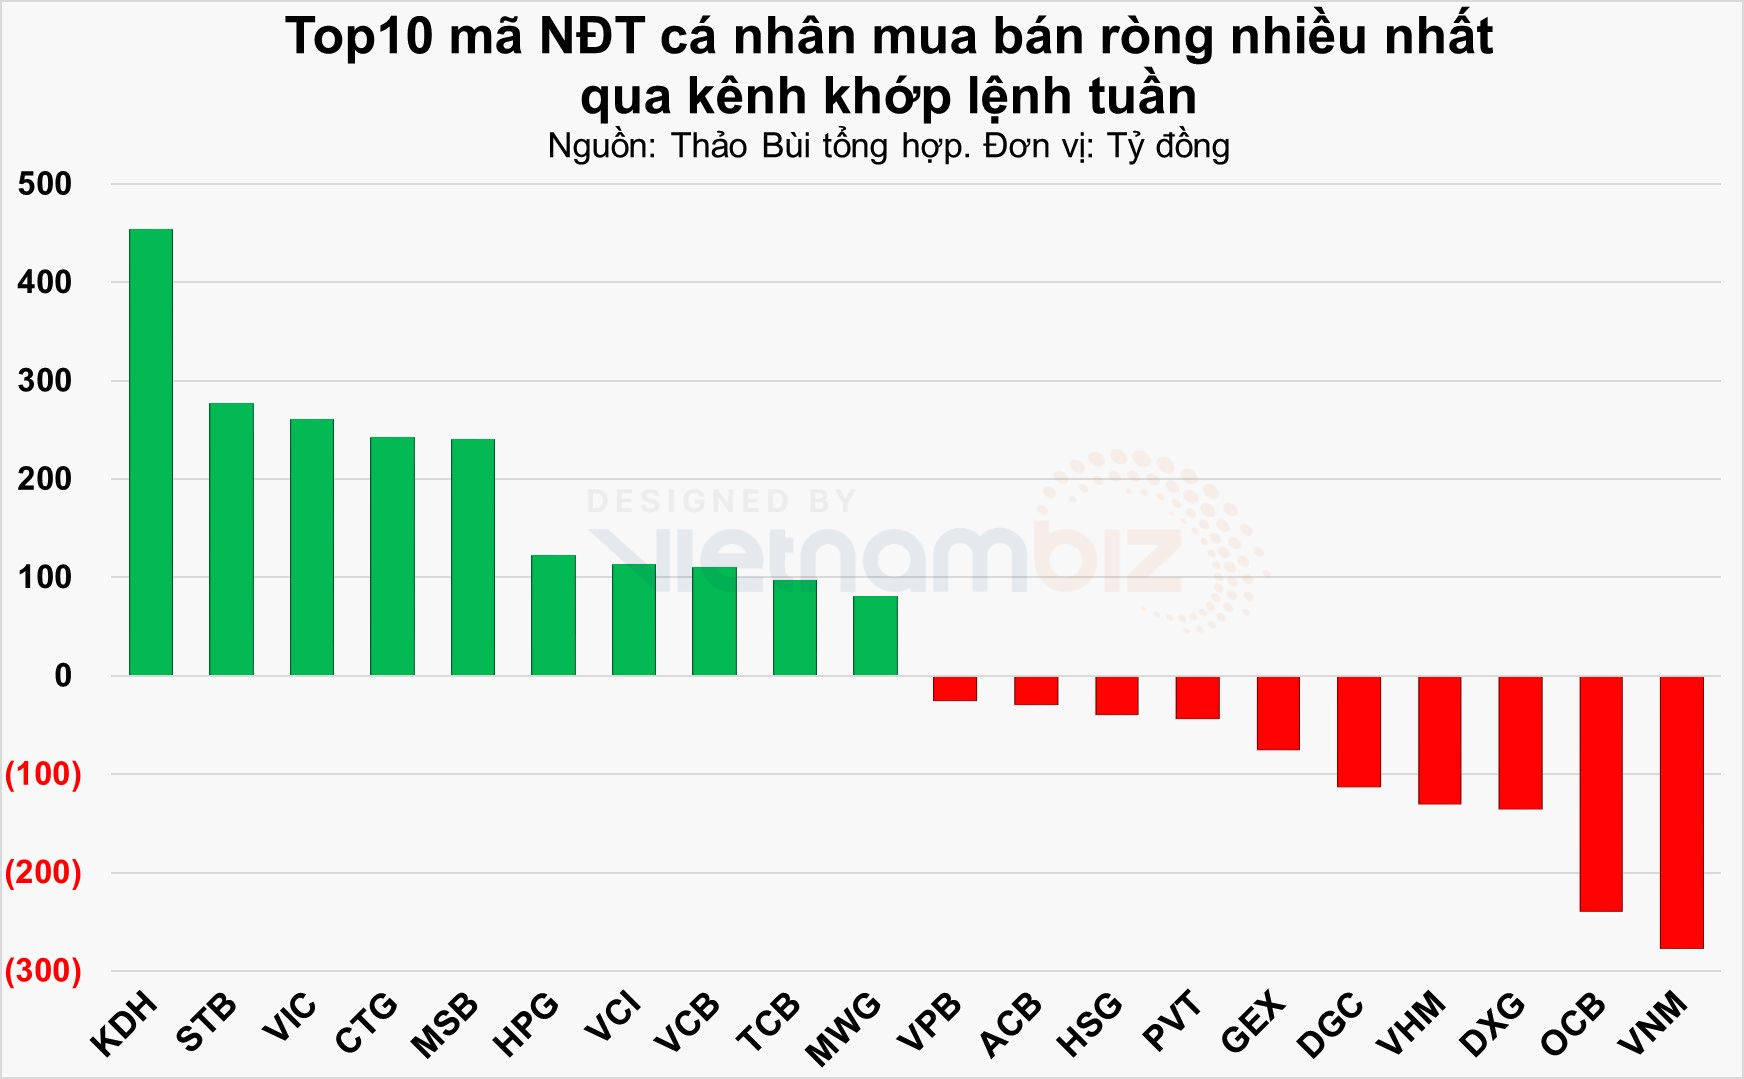 NĐT cá nhân mua ròng nhiều cổ phiếu ngân hàng, bất động sản tuần VN-Index biến động - Ảnh 4.